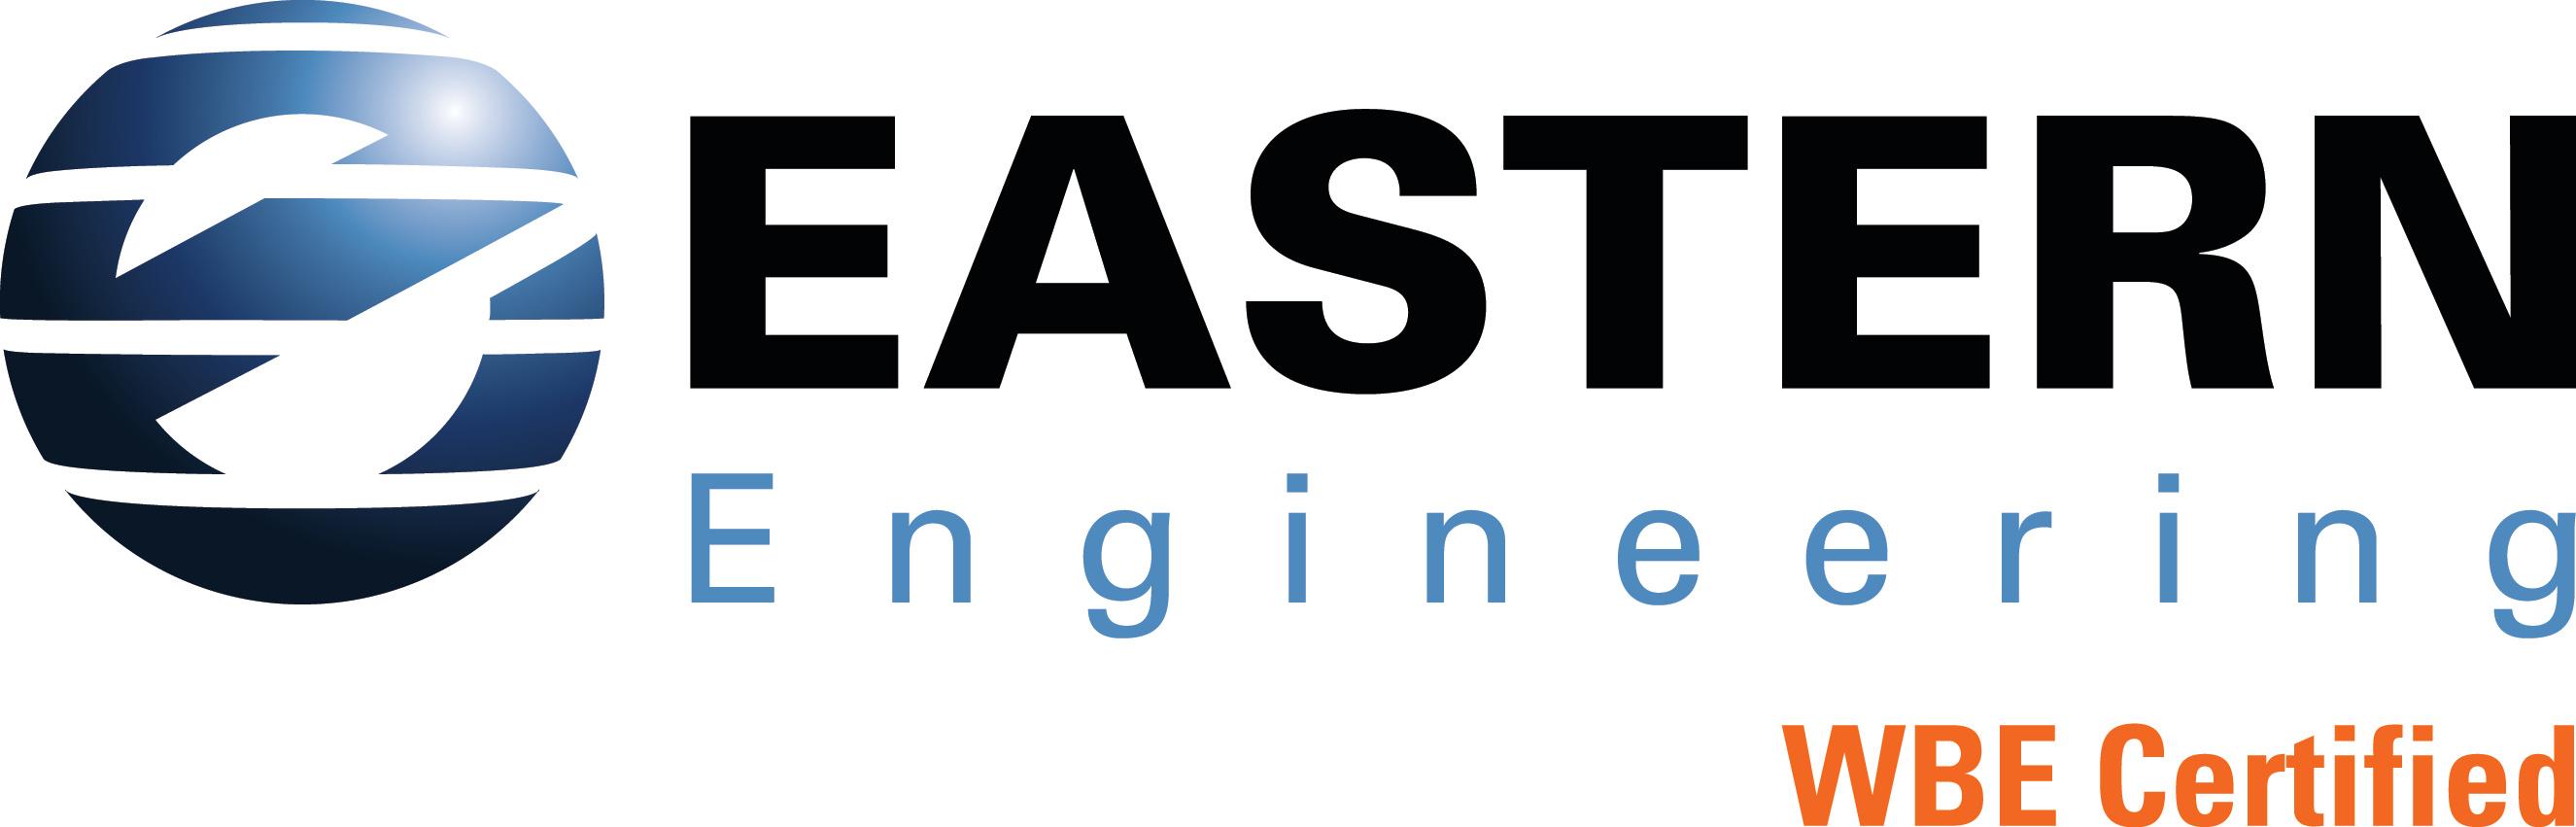 Eastern Engineering